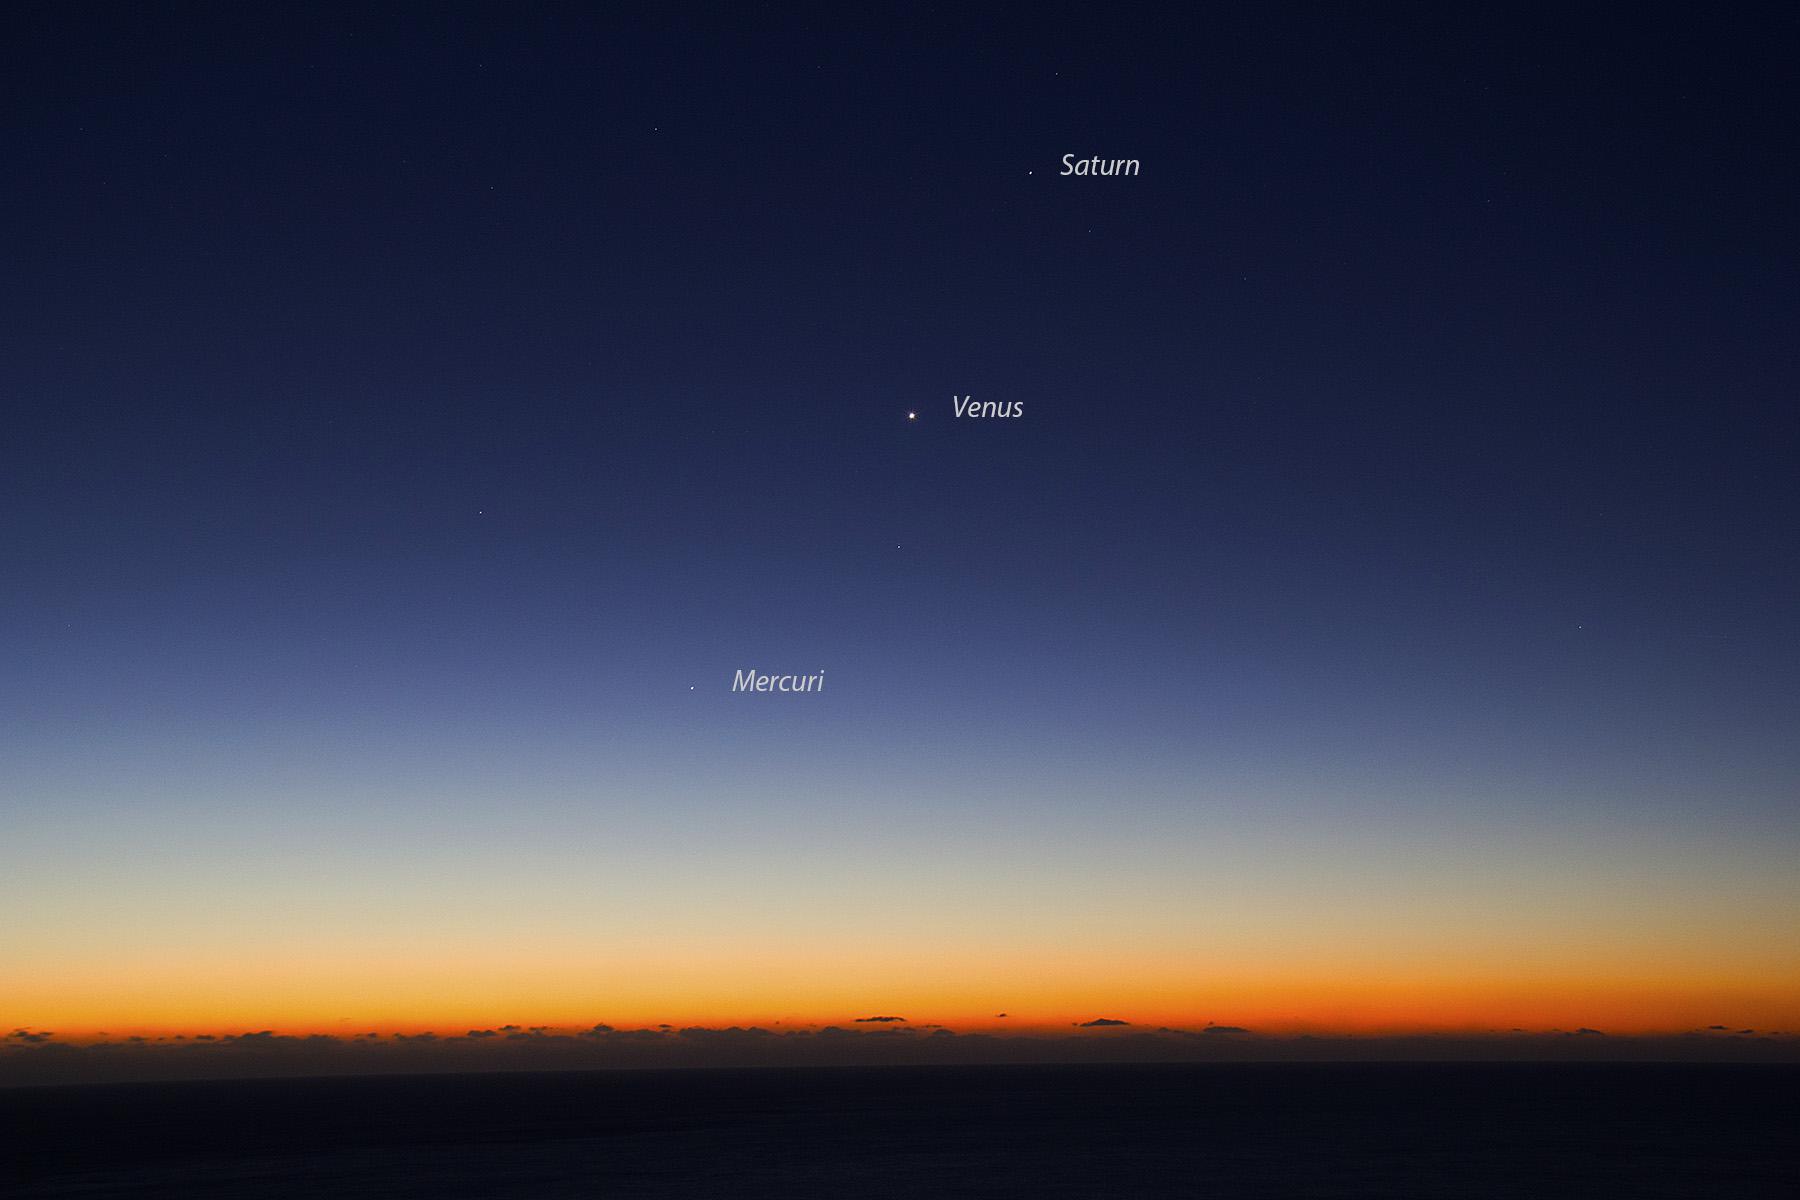 Conjunció Mercuri, Venus i Saturn amb noms